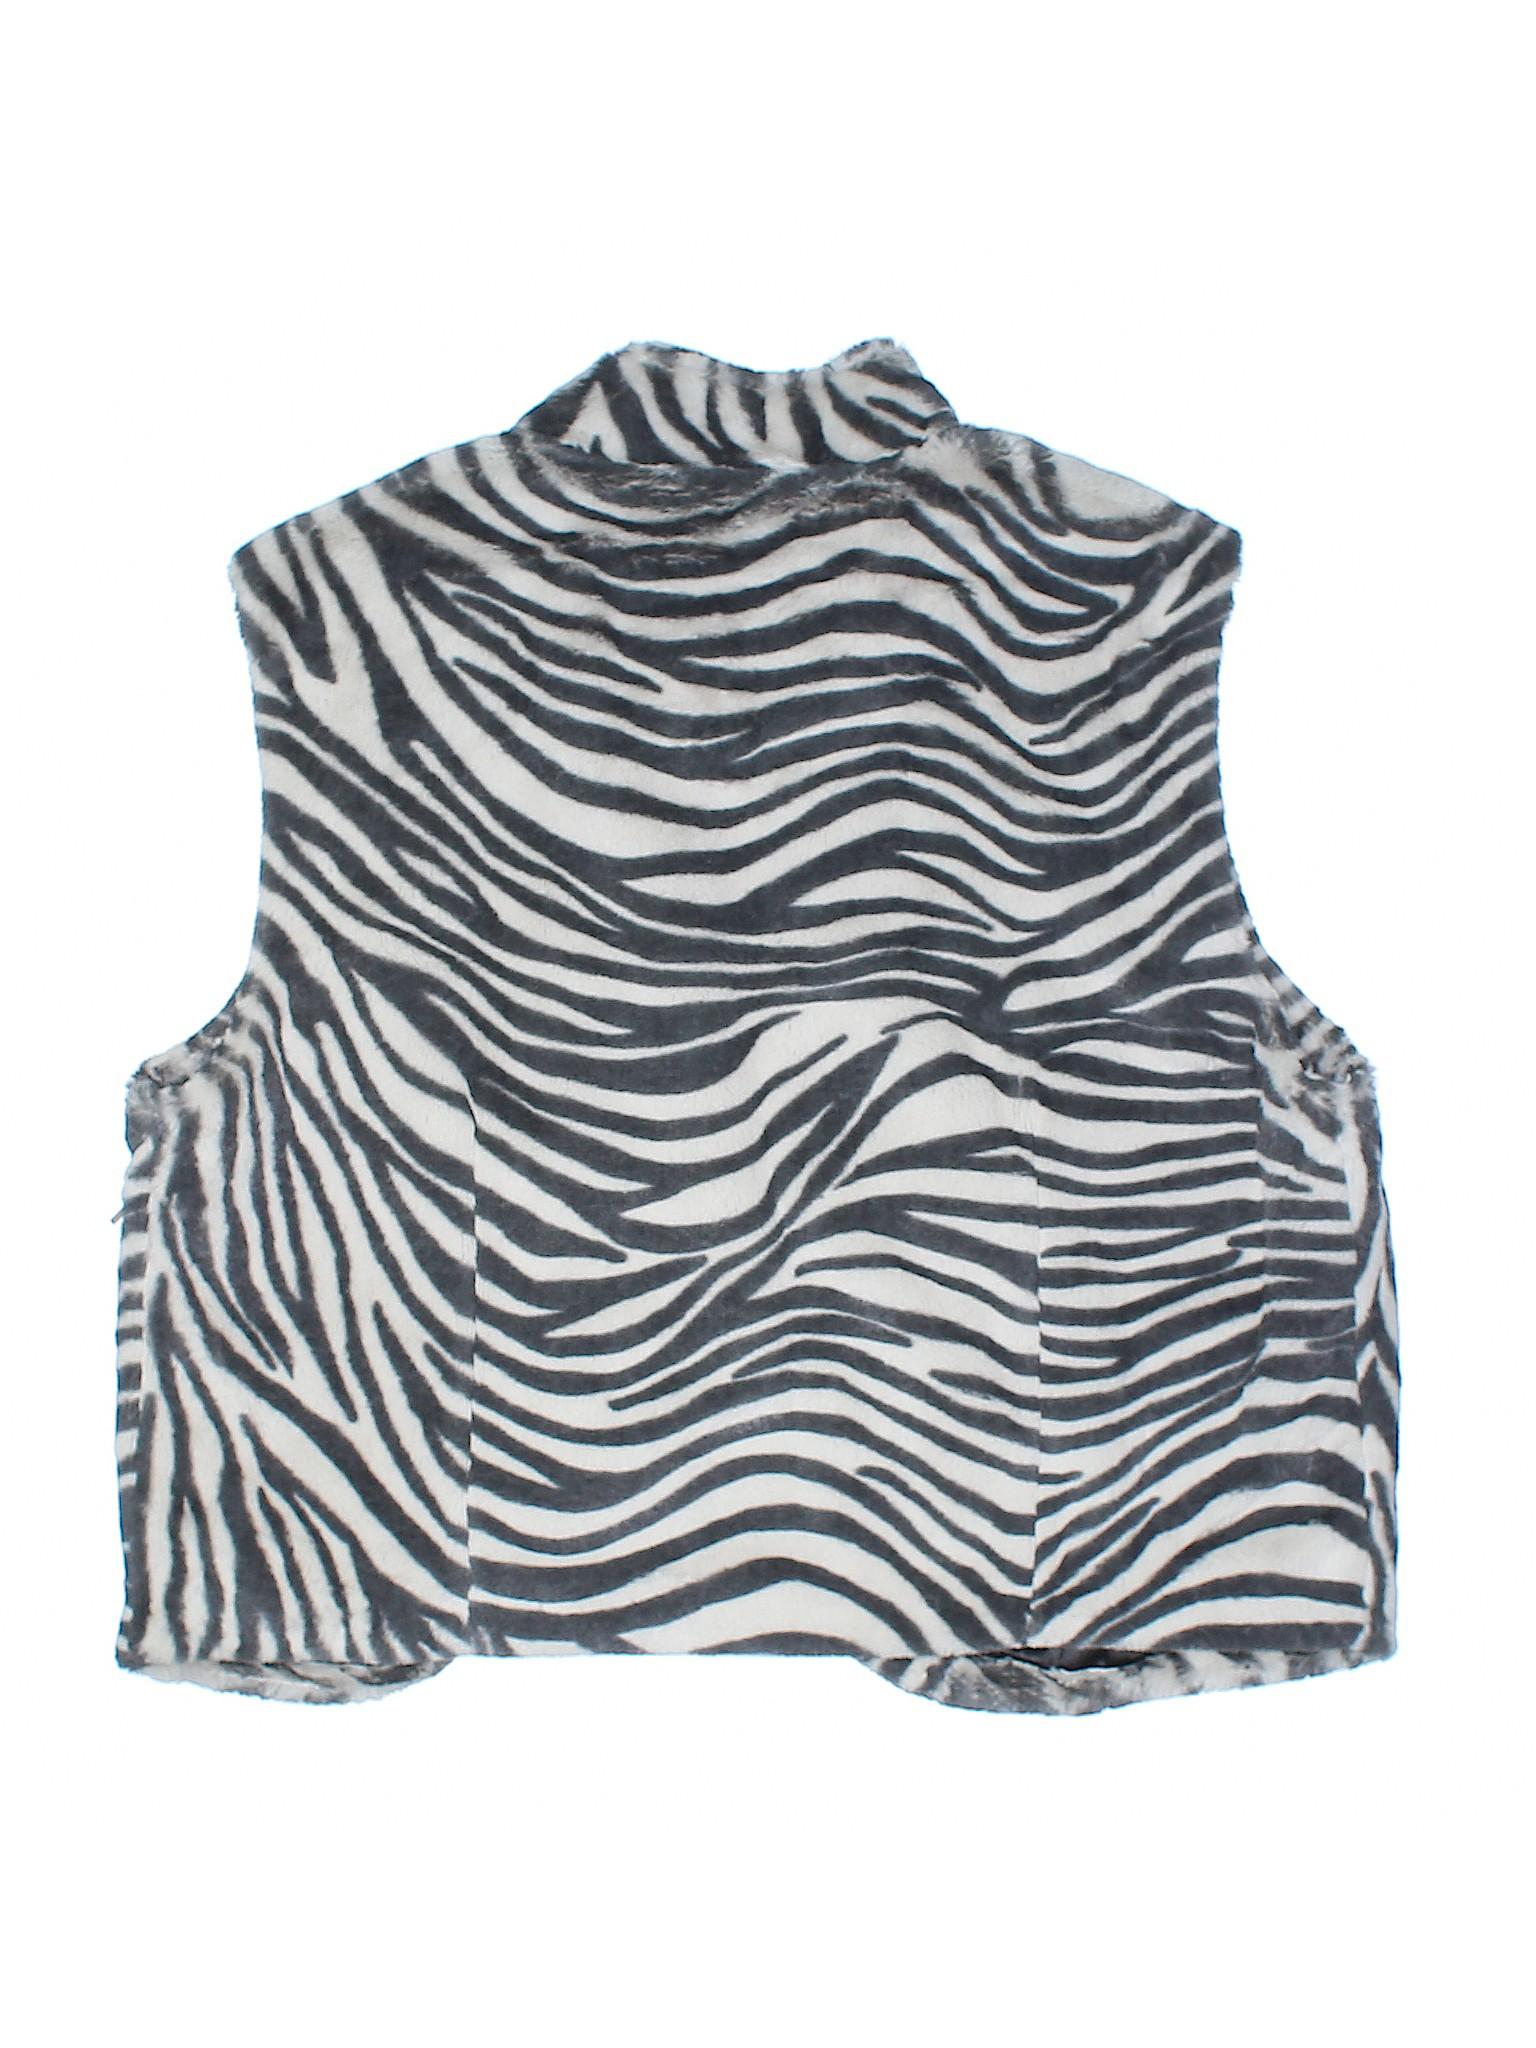 Fur I Faux Vest M Boutique leisure A wXqnFWTR